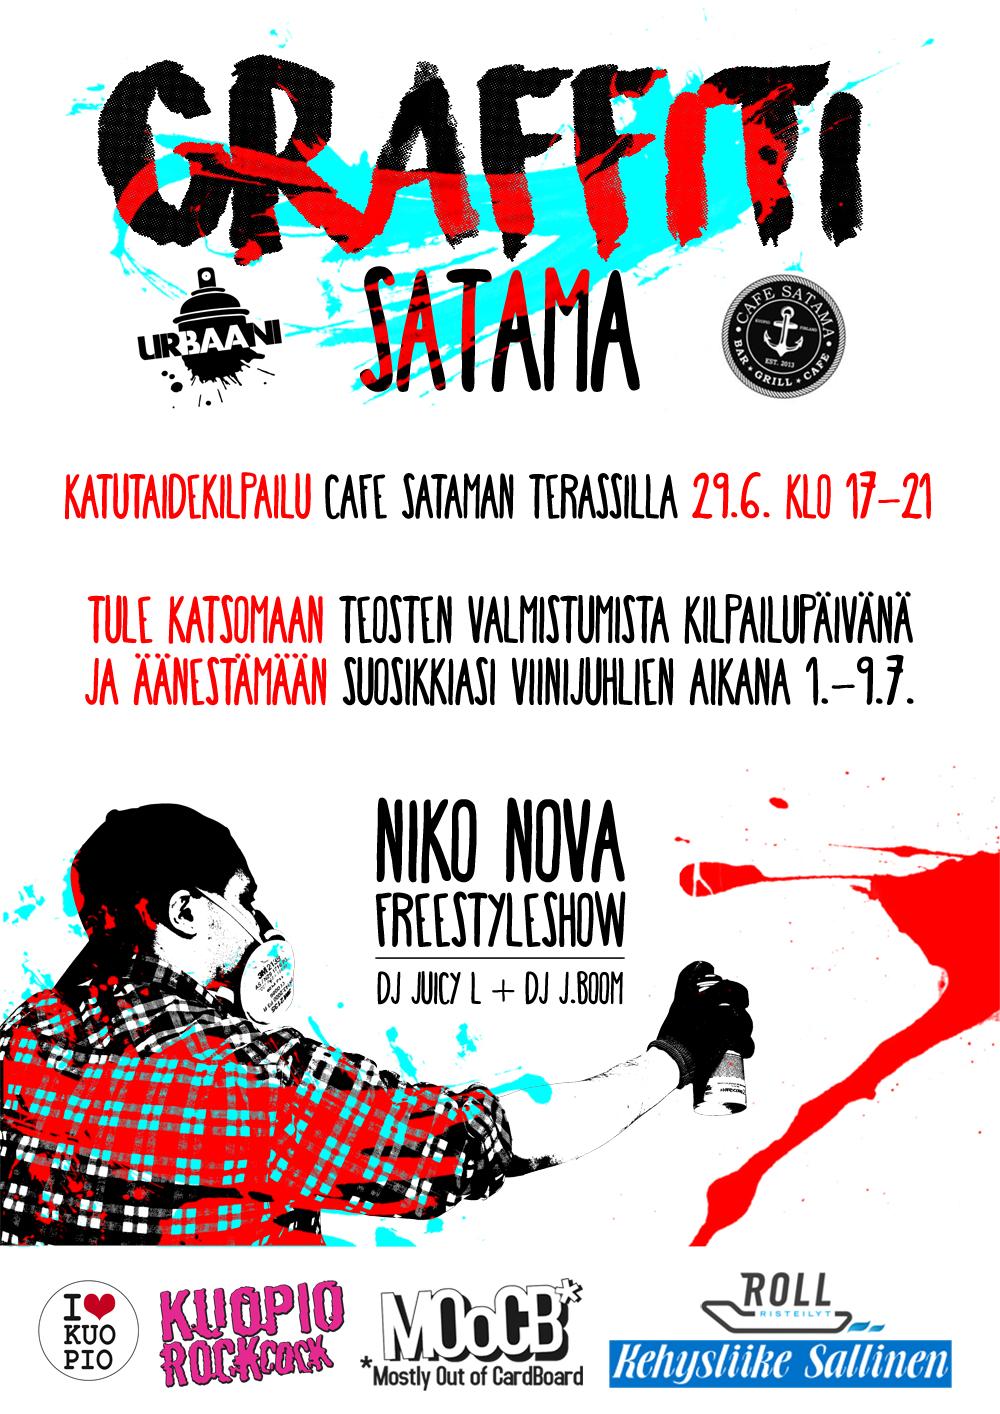 gsatama-fullposter_web2